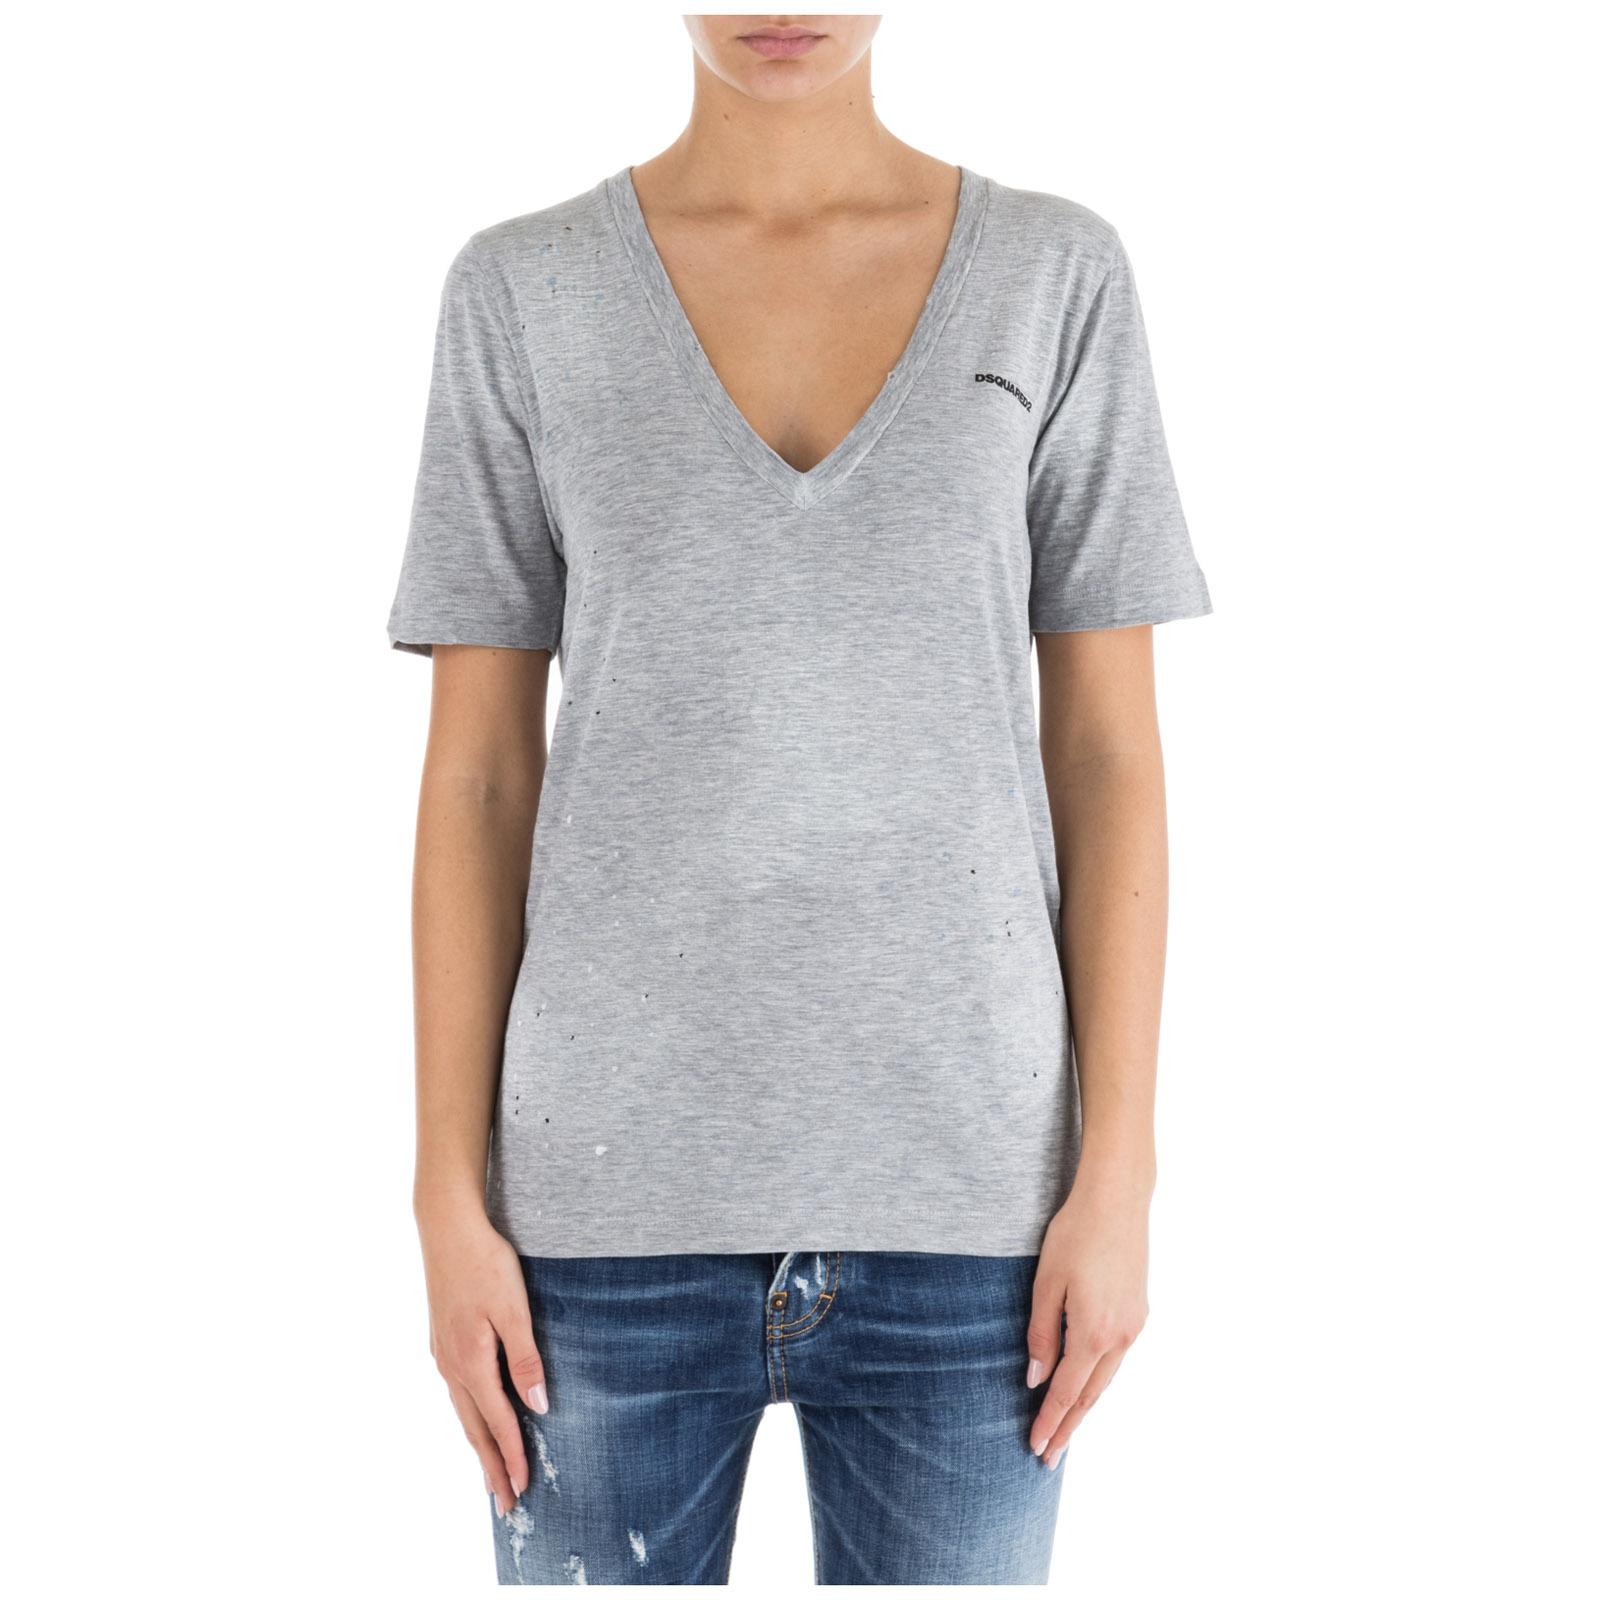 956a987317 T-shirt maglia maniche corte donna scollo a v